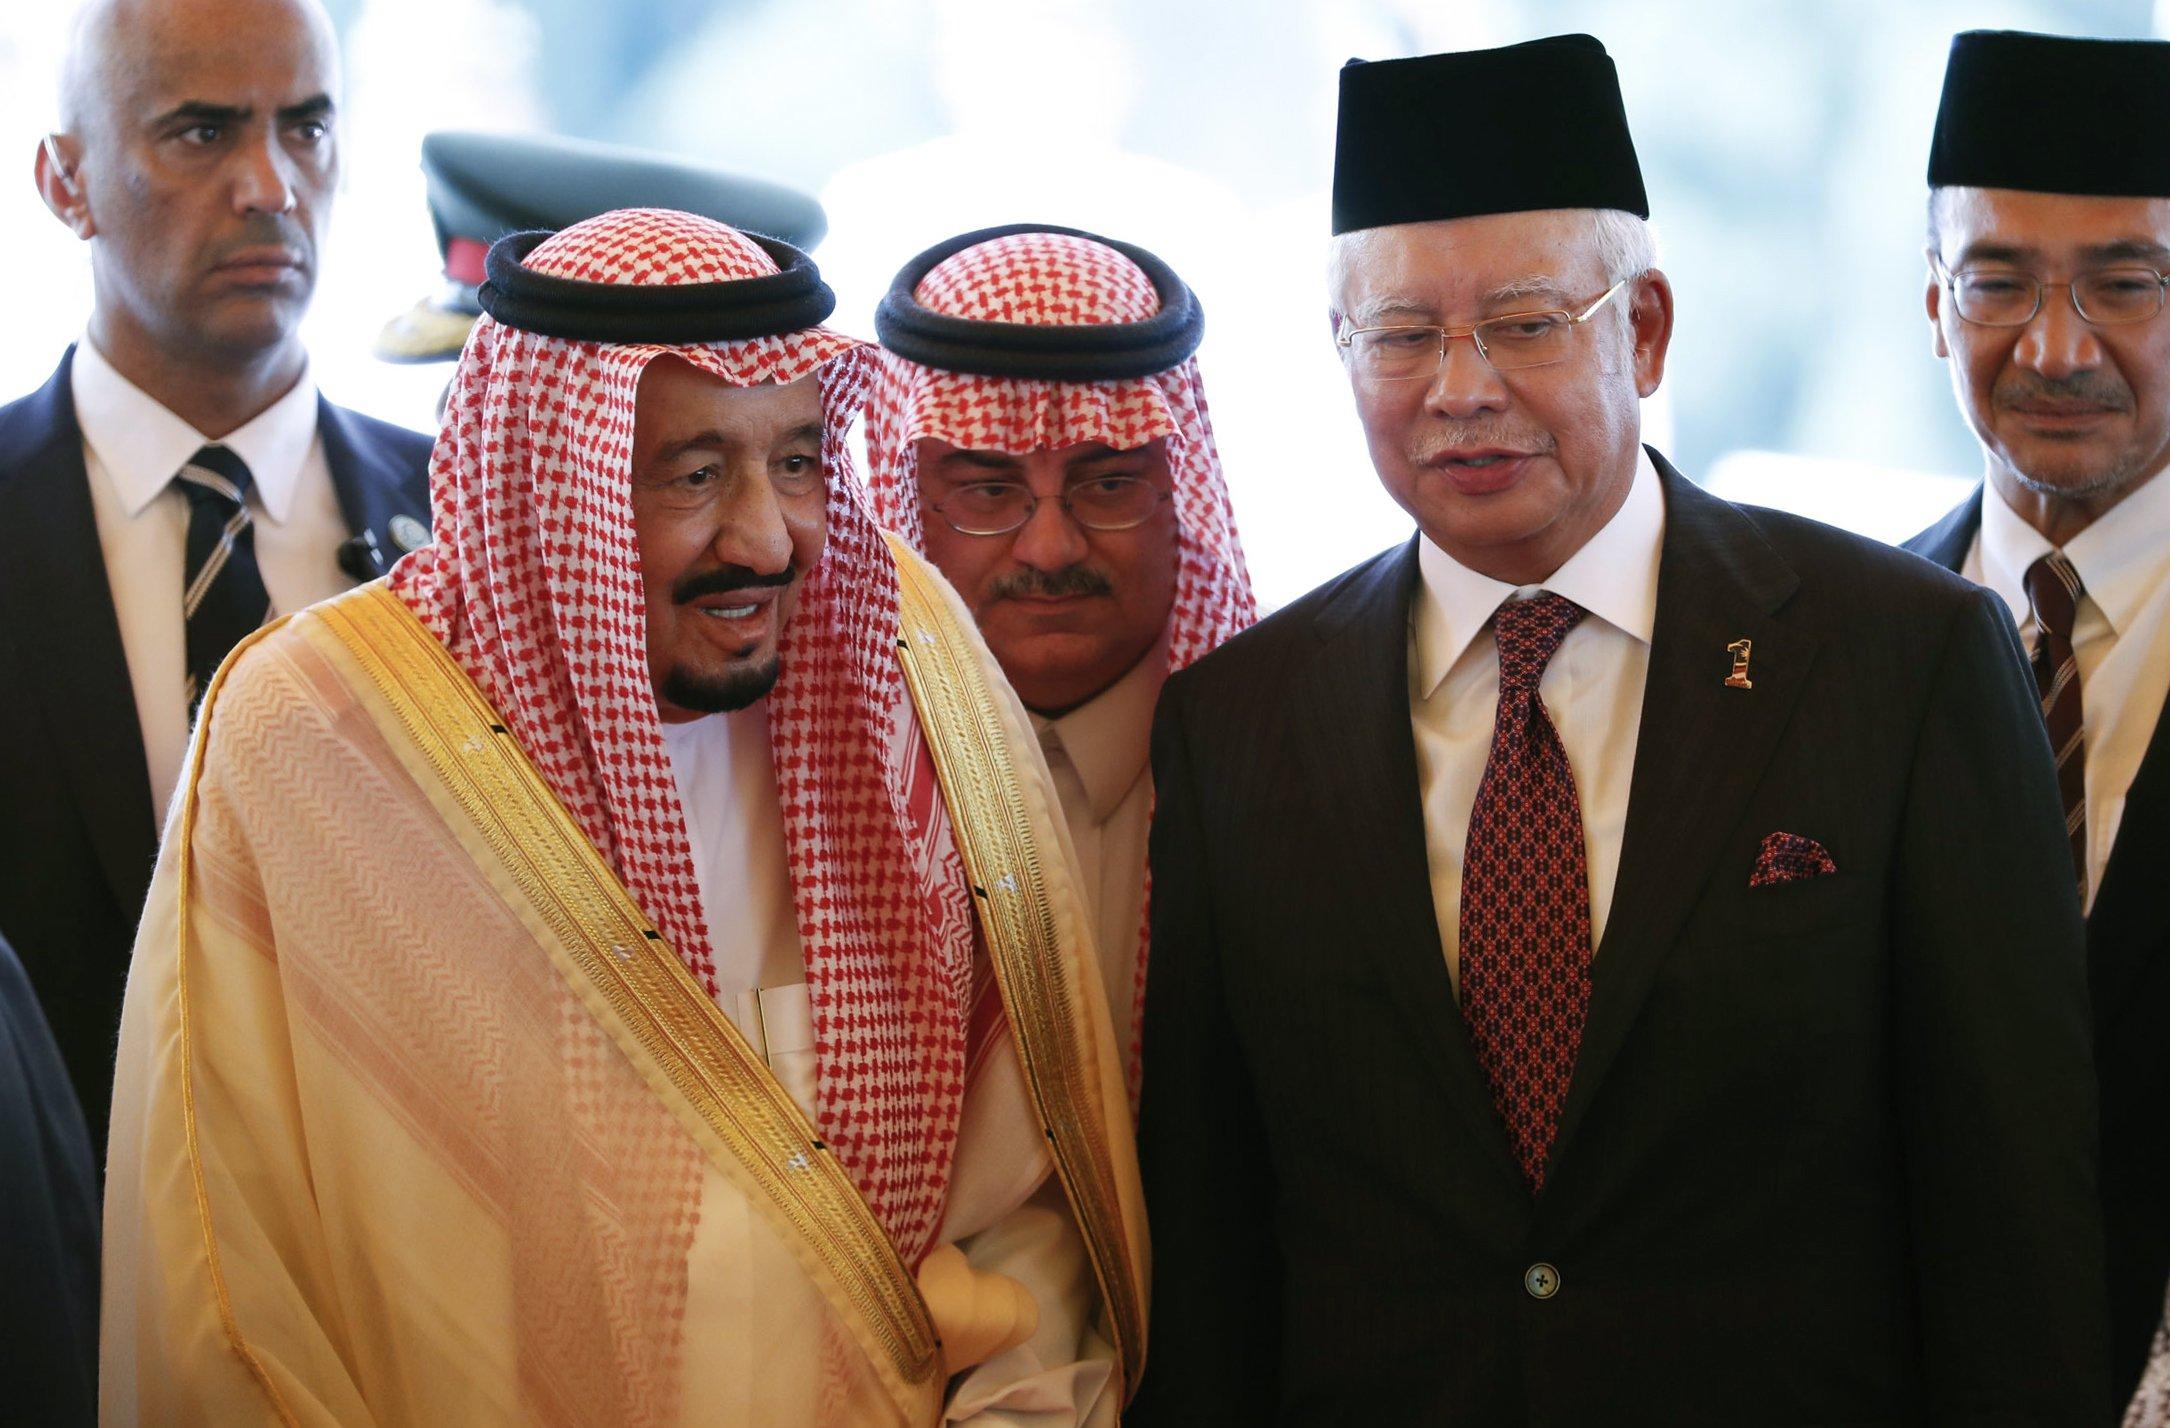 Saudi king visits Malaysia as he begins Asia tour